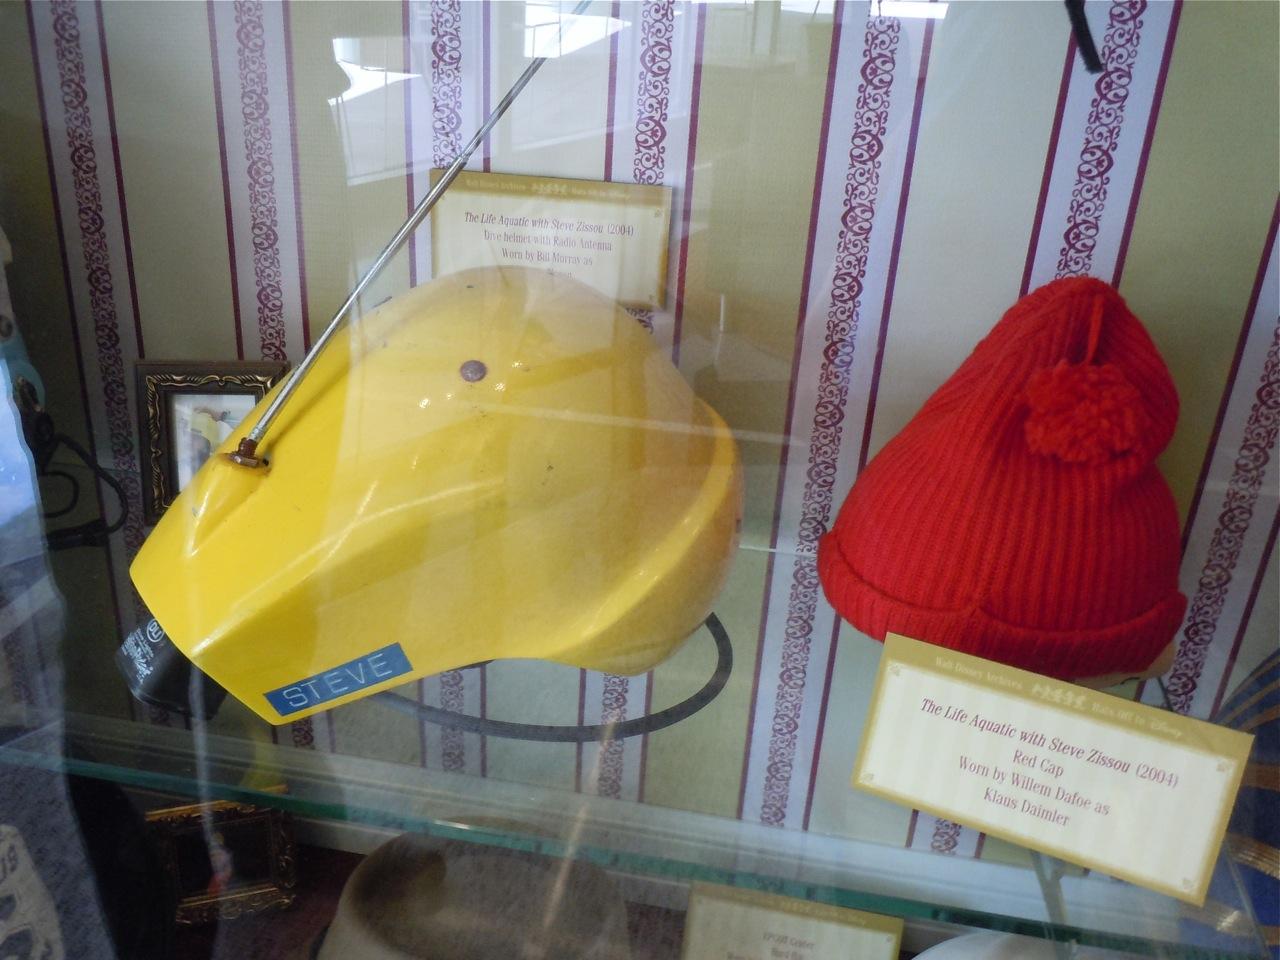 http://2.bp.blogspot.com/_GIchwvJ-aNk/S_hZ1Y5mQdI/AAAAAAAAQvA/sT7bjRMu_ZU/s1600/Life+aquatic+movie+helmet+hat.jpg